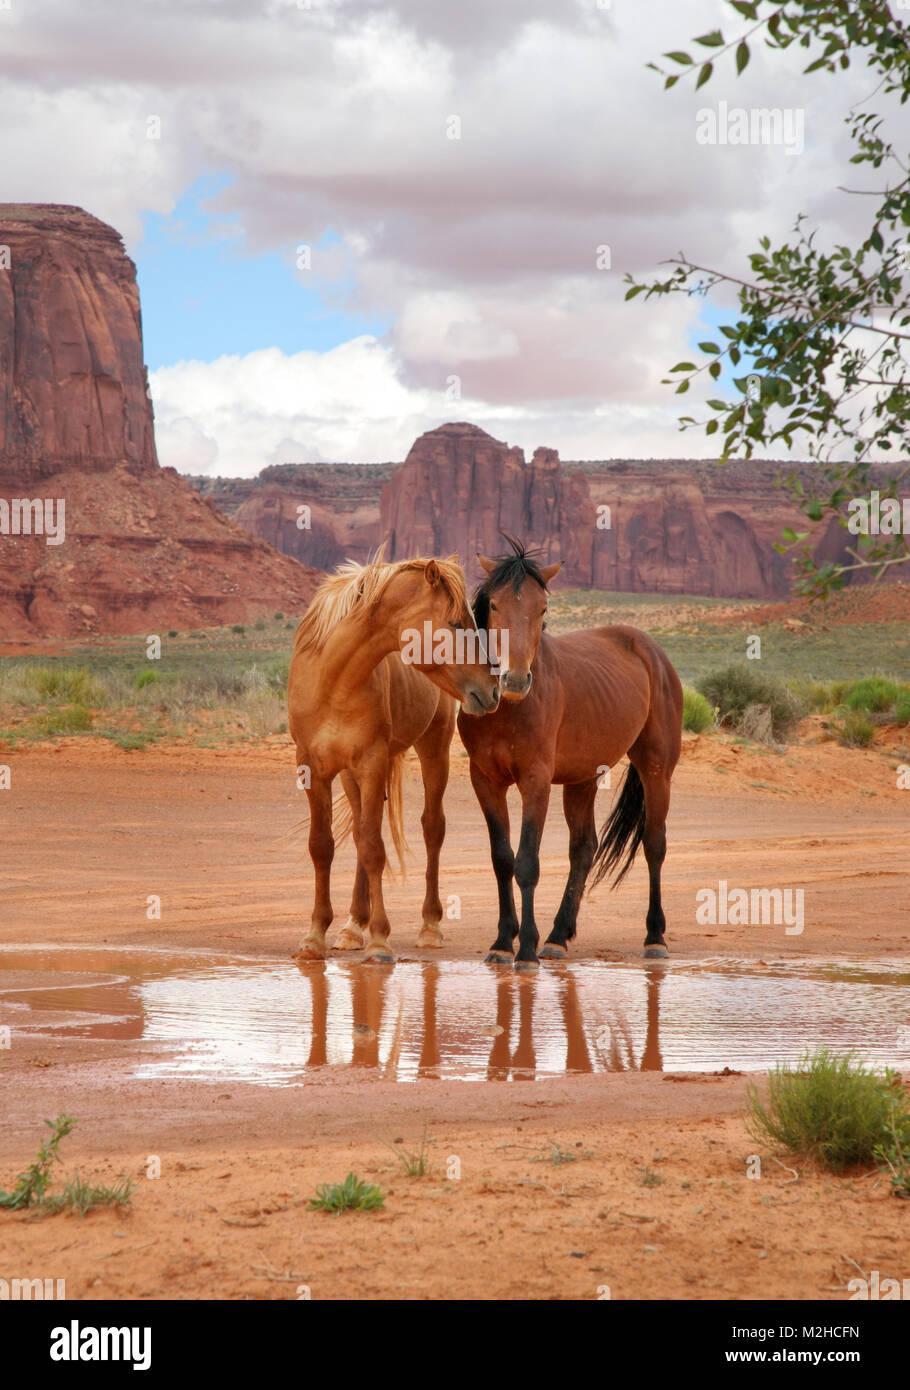 Deux chevaux sauvages montrer de l'affection Banque D'Images